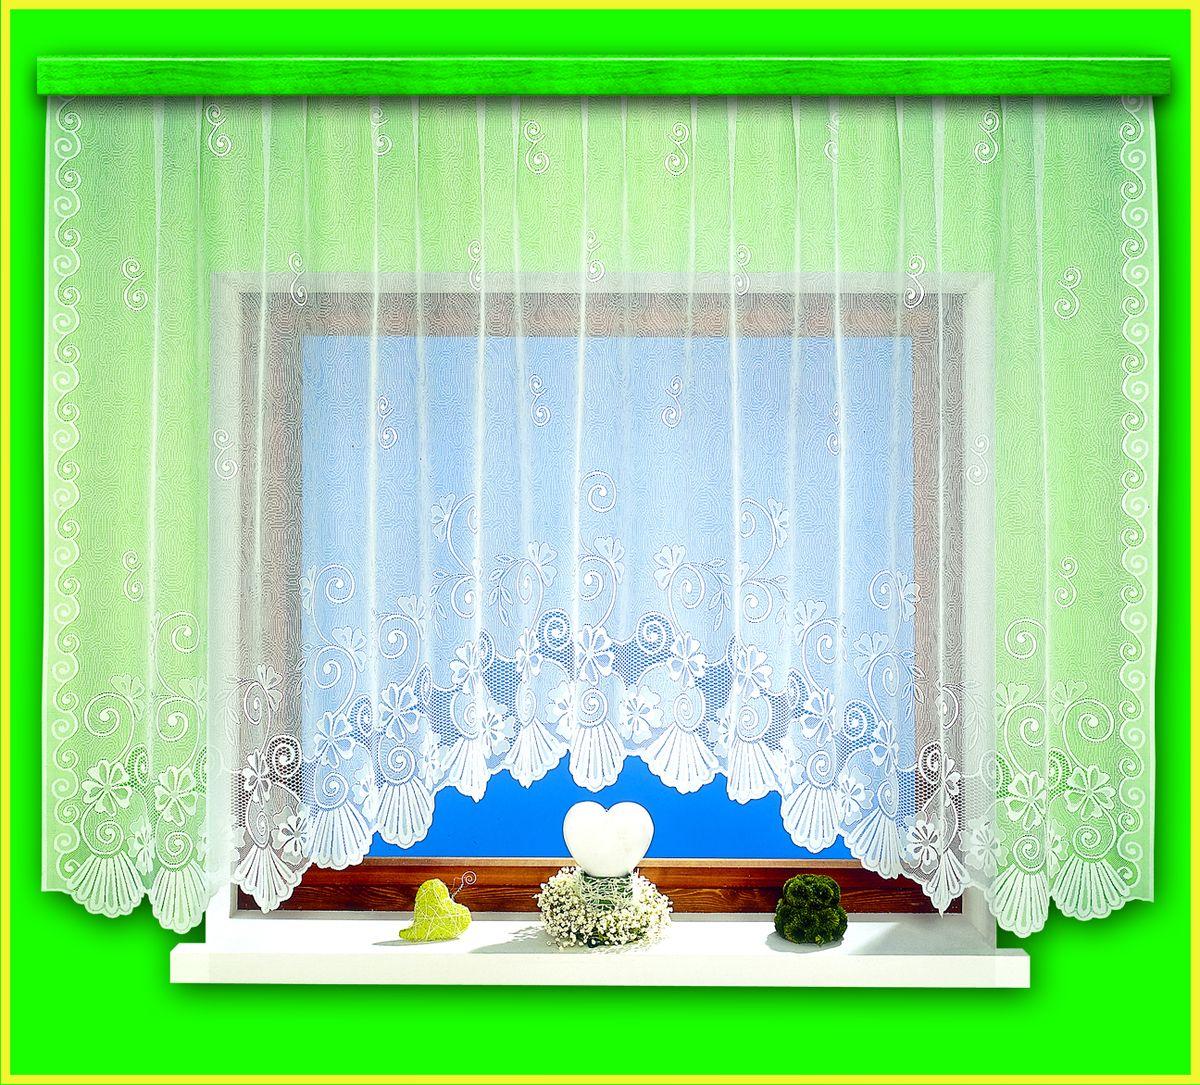 Гардина для кухни Haft Magia Wzorow, на ленте, цвет: белый, высота 160 см. 94090/16094090/160Воздушная гардина Haft Magia Wzorow, изготовленная из полиэстера белого цвета, станет великолепным украшением любого окна. Оригинальный цветочный орнамент, украшающий нижний край гардины, и нежная ажурная фактура материала привлекут к себе внимание и органично впишутся в интерьер комнаты. В гардину вшита шторная лента.Размер гардины: 160 см х 300 см.Главный ассортимент компании Haft - это тюль и занавески. Haft предлагает готовые решения для ваших окон, выпуская готовые наборы штор, которые остается только распаковать и повесить. Модельный ряд отличает оригинальный дизайн, высокое качество. Занавески, шторы, гардины Haft долговечны, прочны, практически не сминаемы, они не притягивают пыль и за ними легко ухаживать. Вся продукция бренда Haft выполнена на современном оборудовании из лучших материалов.